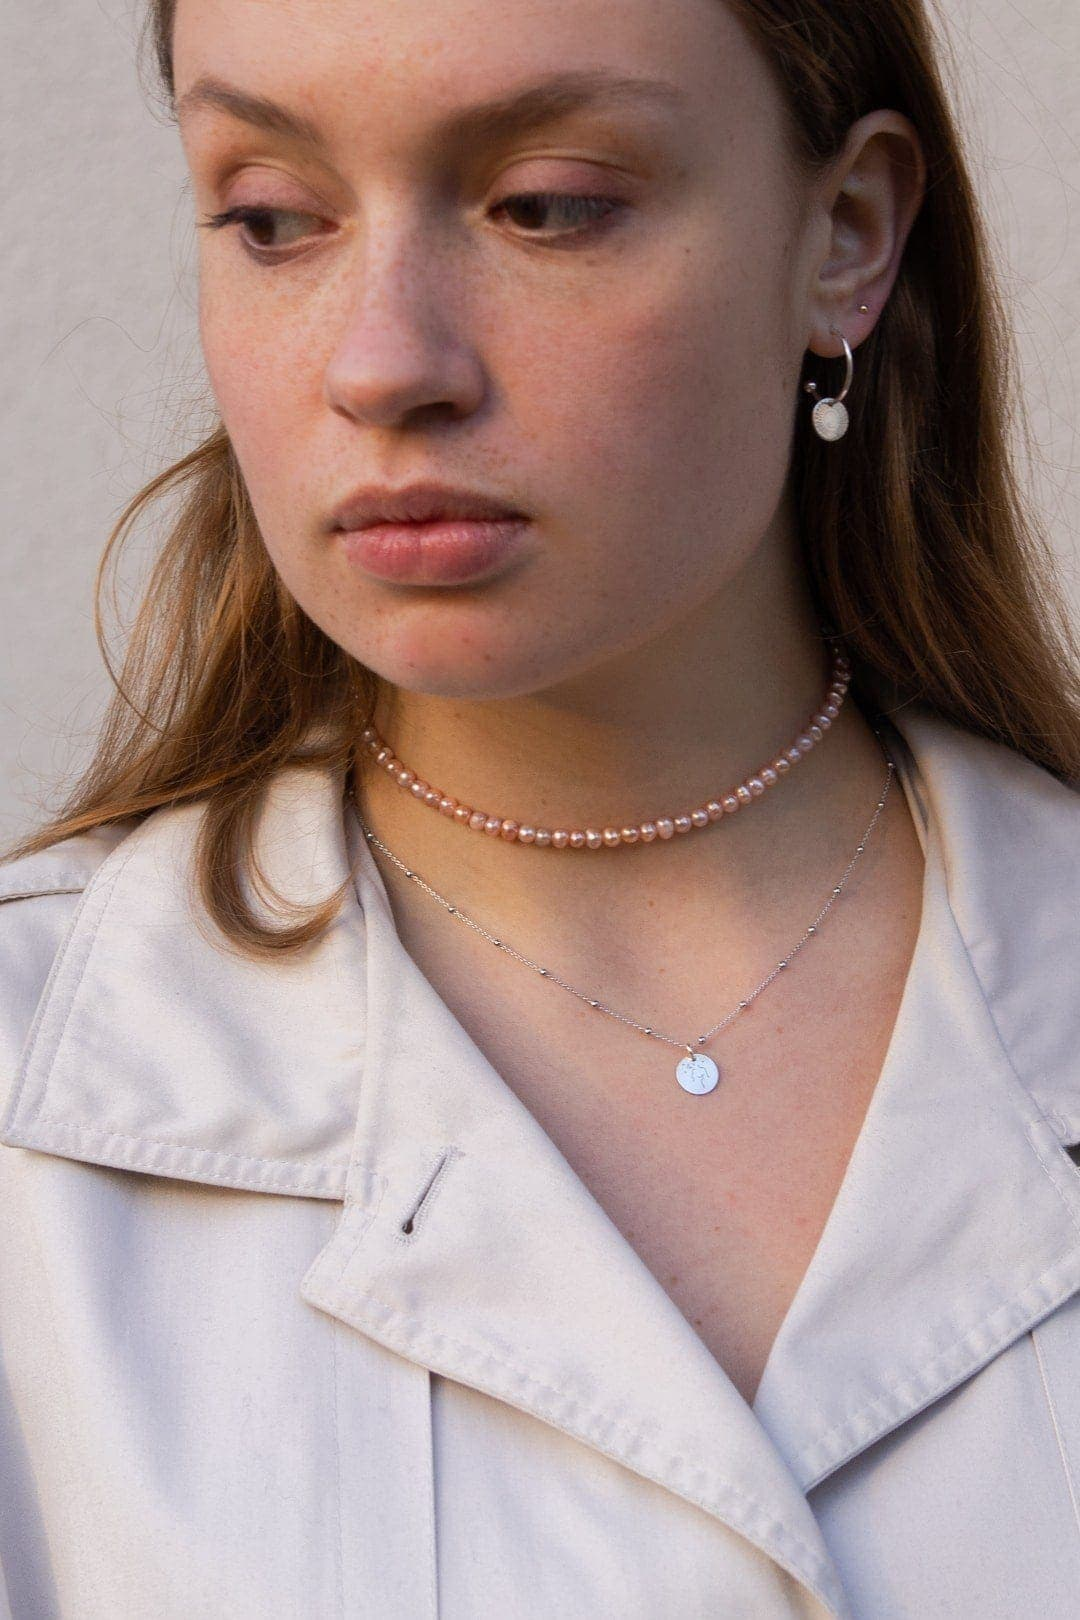 Modelka prezentuje komplet biżuterii z pereł, naszyjnik z zawieszką grawer i kolczyki koła z zawieszką